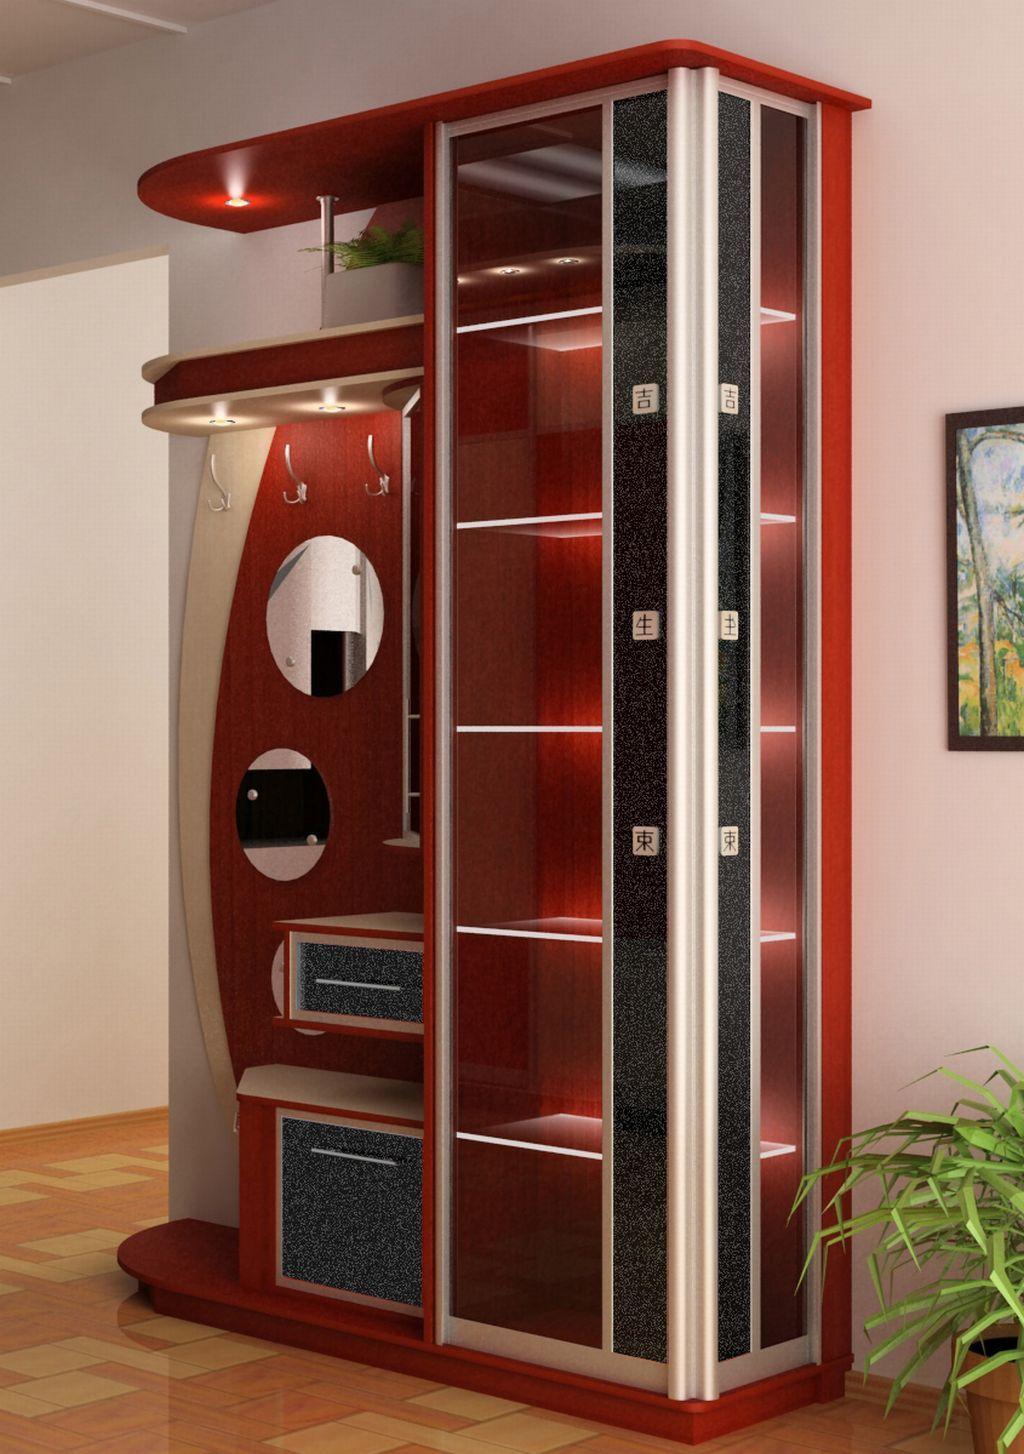 Прихожая в маленький коридор: оптимальные решения и дизайн.